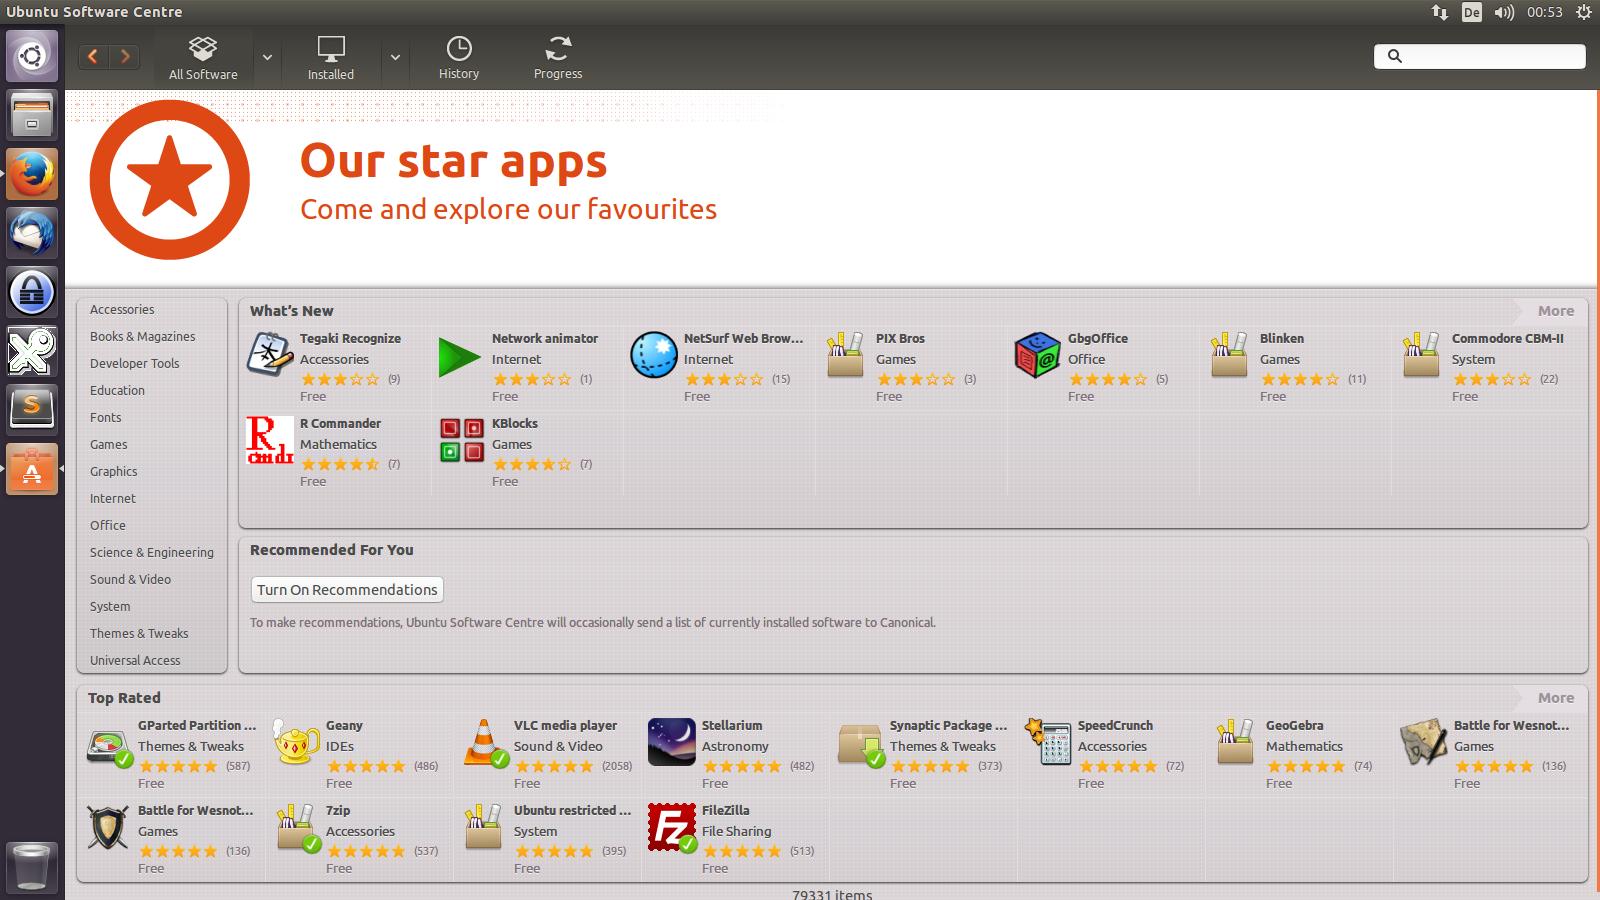 E-Learning-Anwendungen unter Ubuntu Linux Desktop 14.04 LTS, Teil 2/3